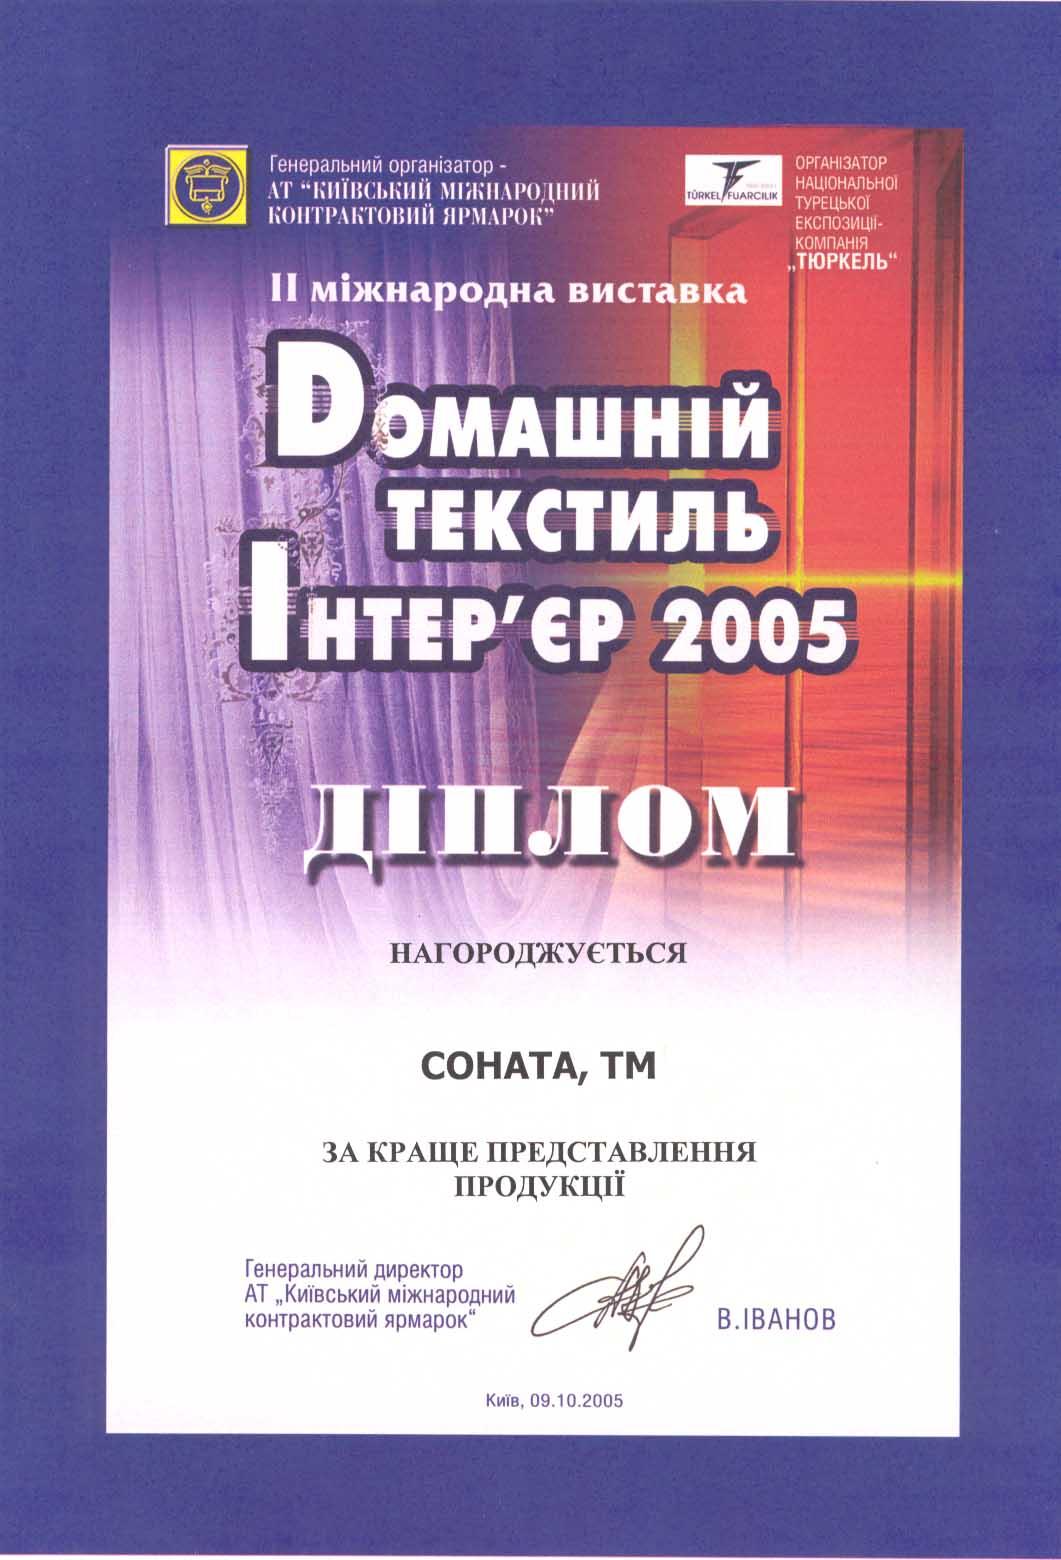 Диплом Соната за лучшее представление продукции в выставке Домашний текстиль-2005